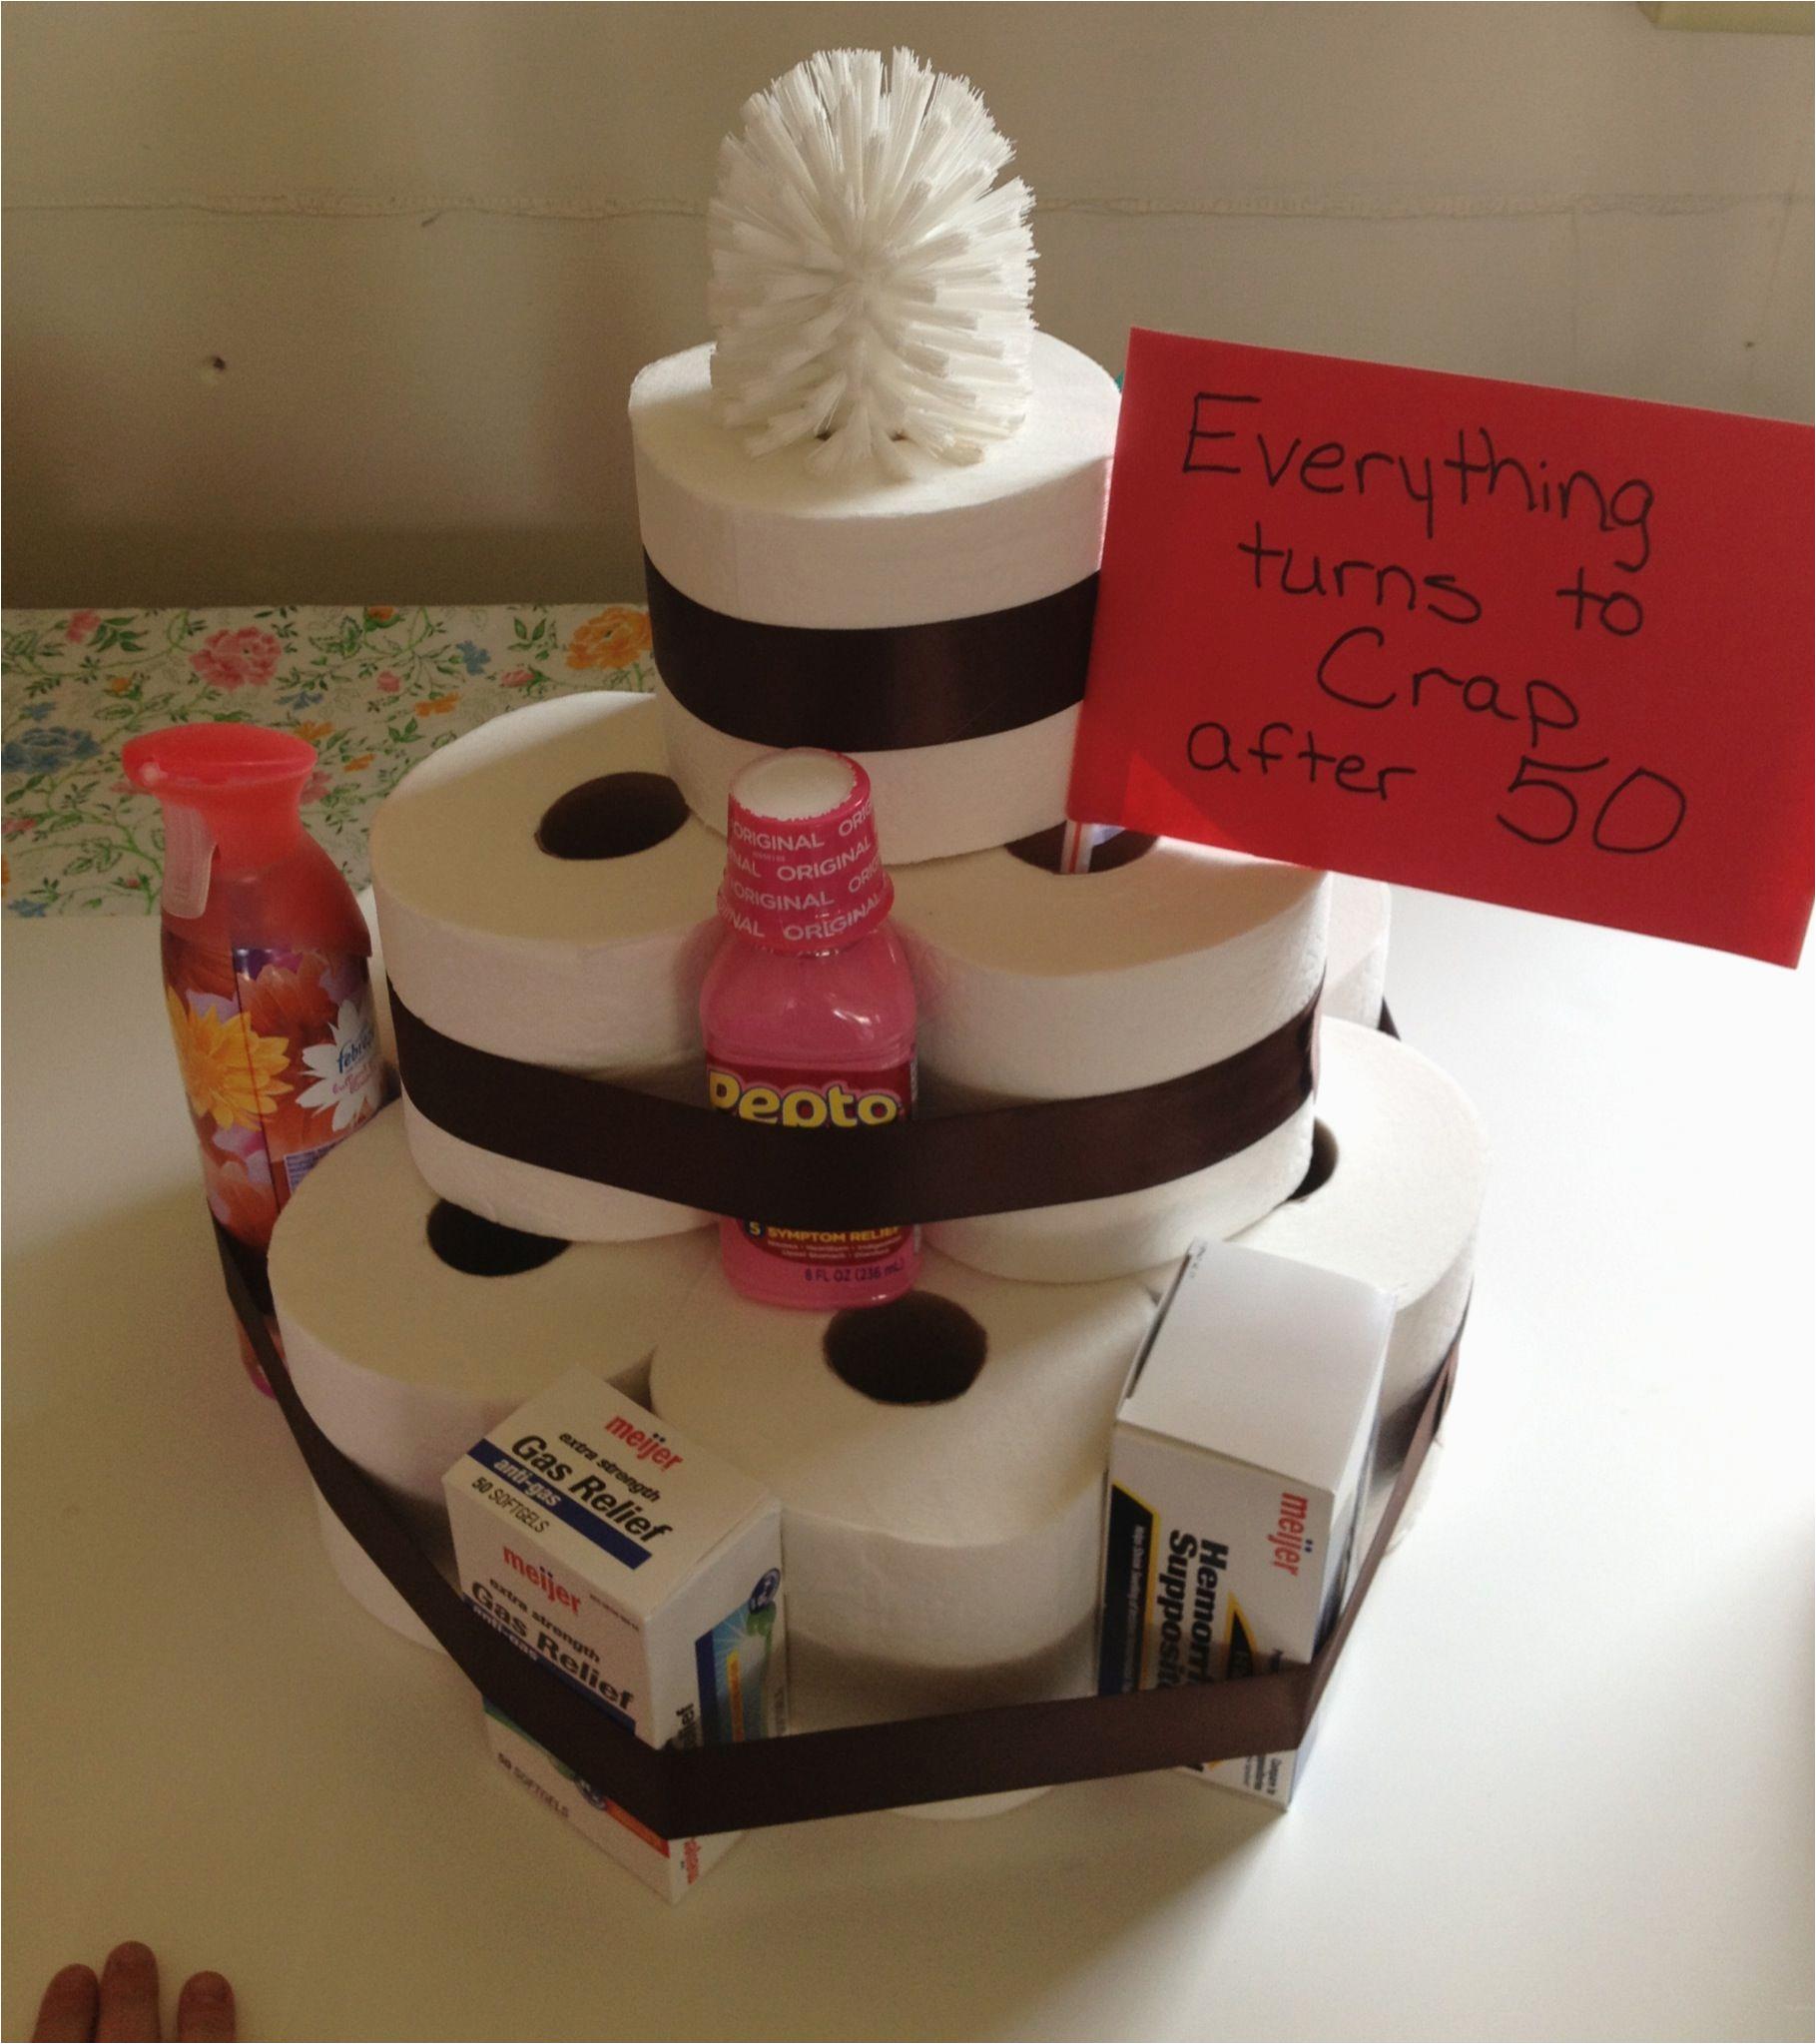 toilet paper cake fun gag gift for anyone turning 50